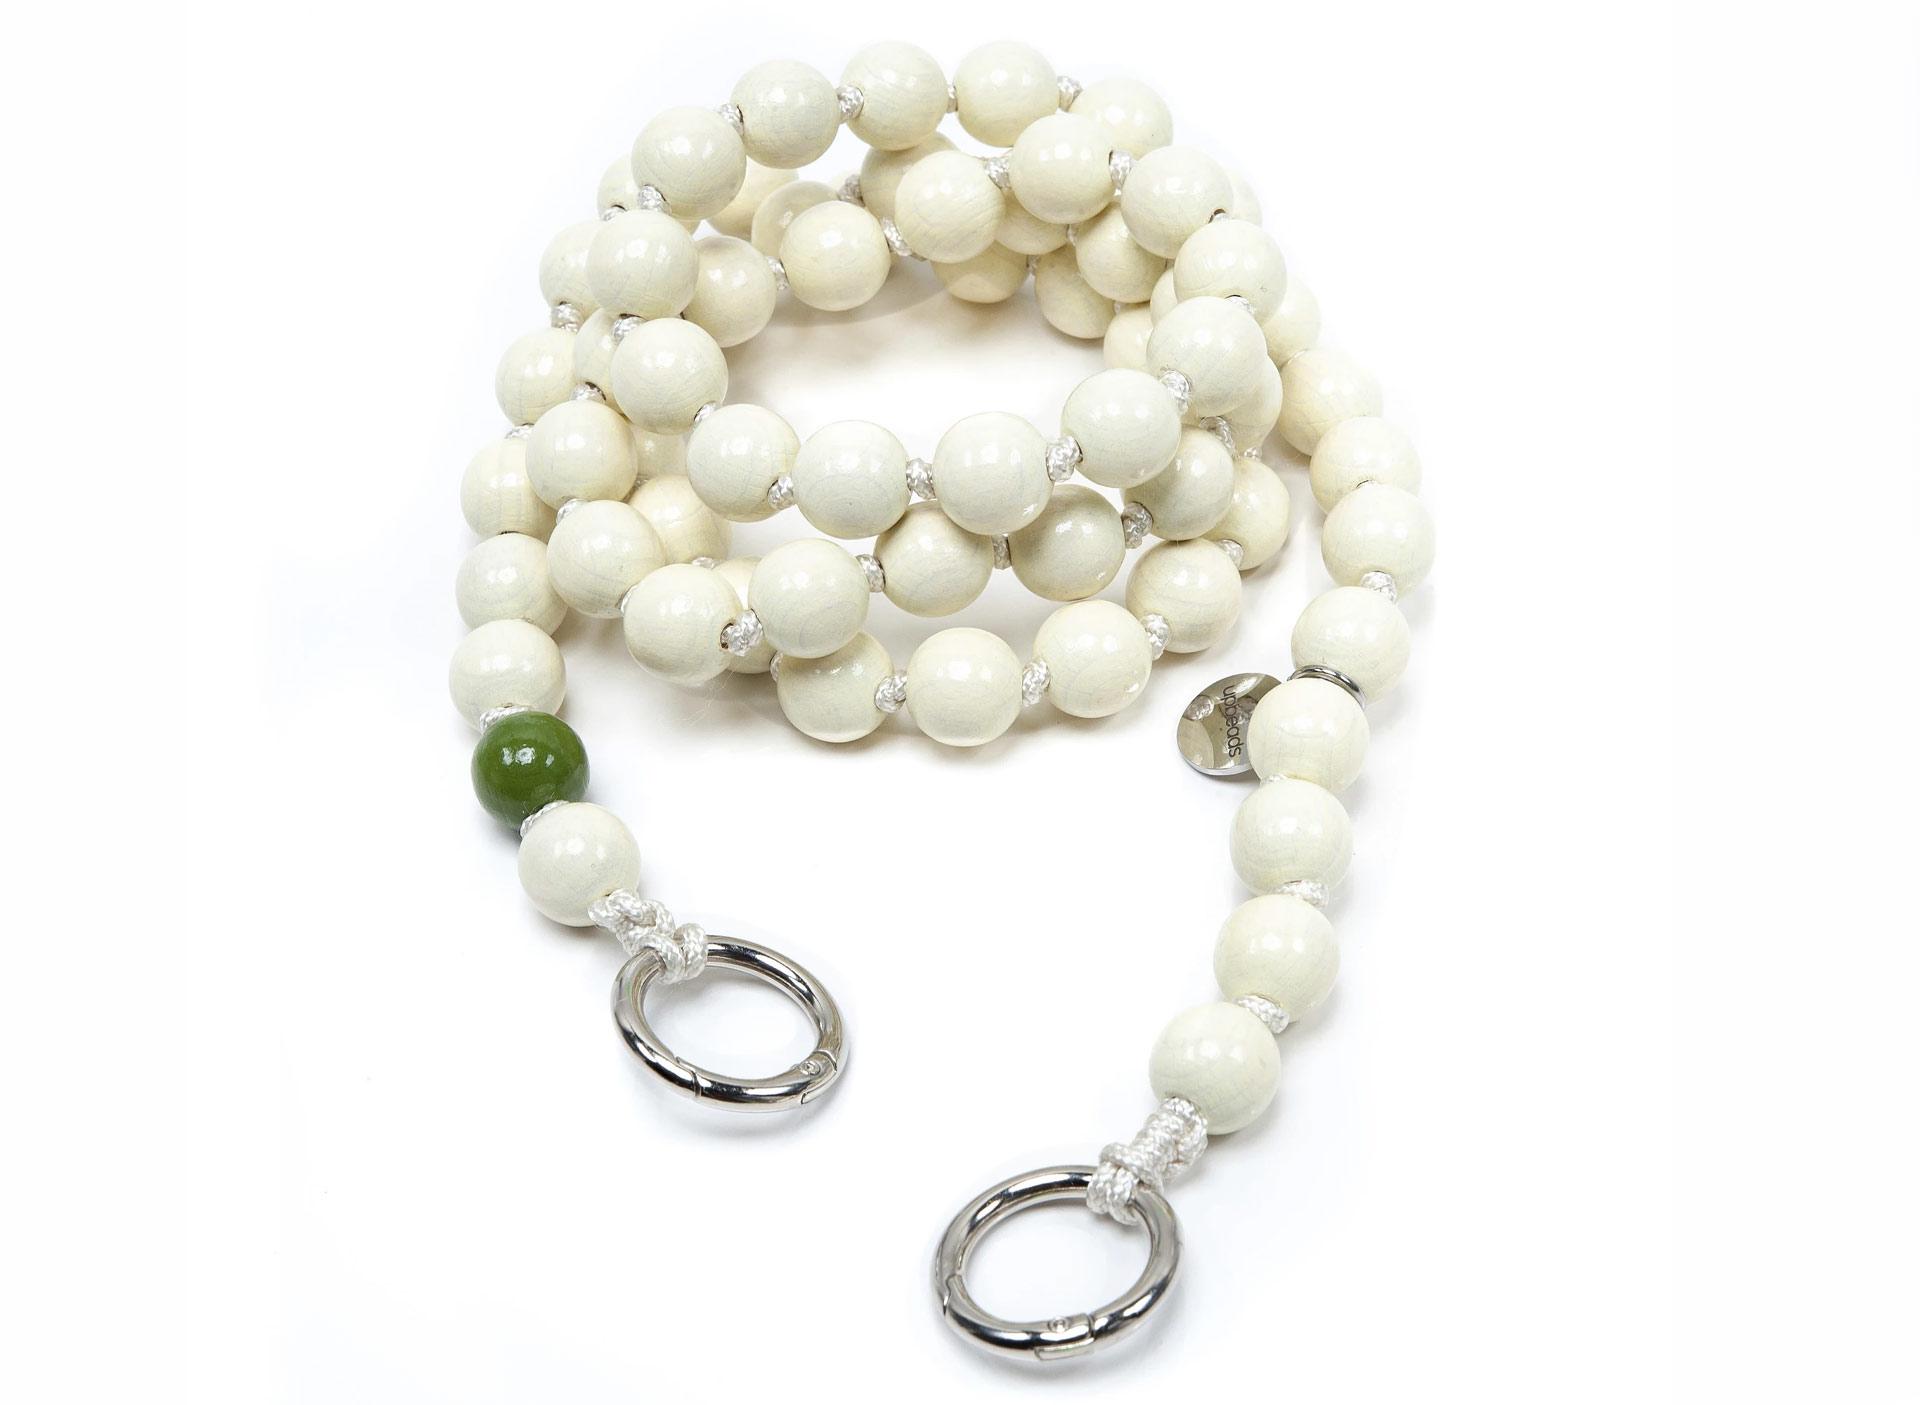 Handykette mit Perlen - weiß